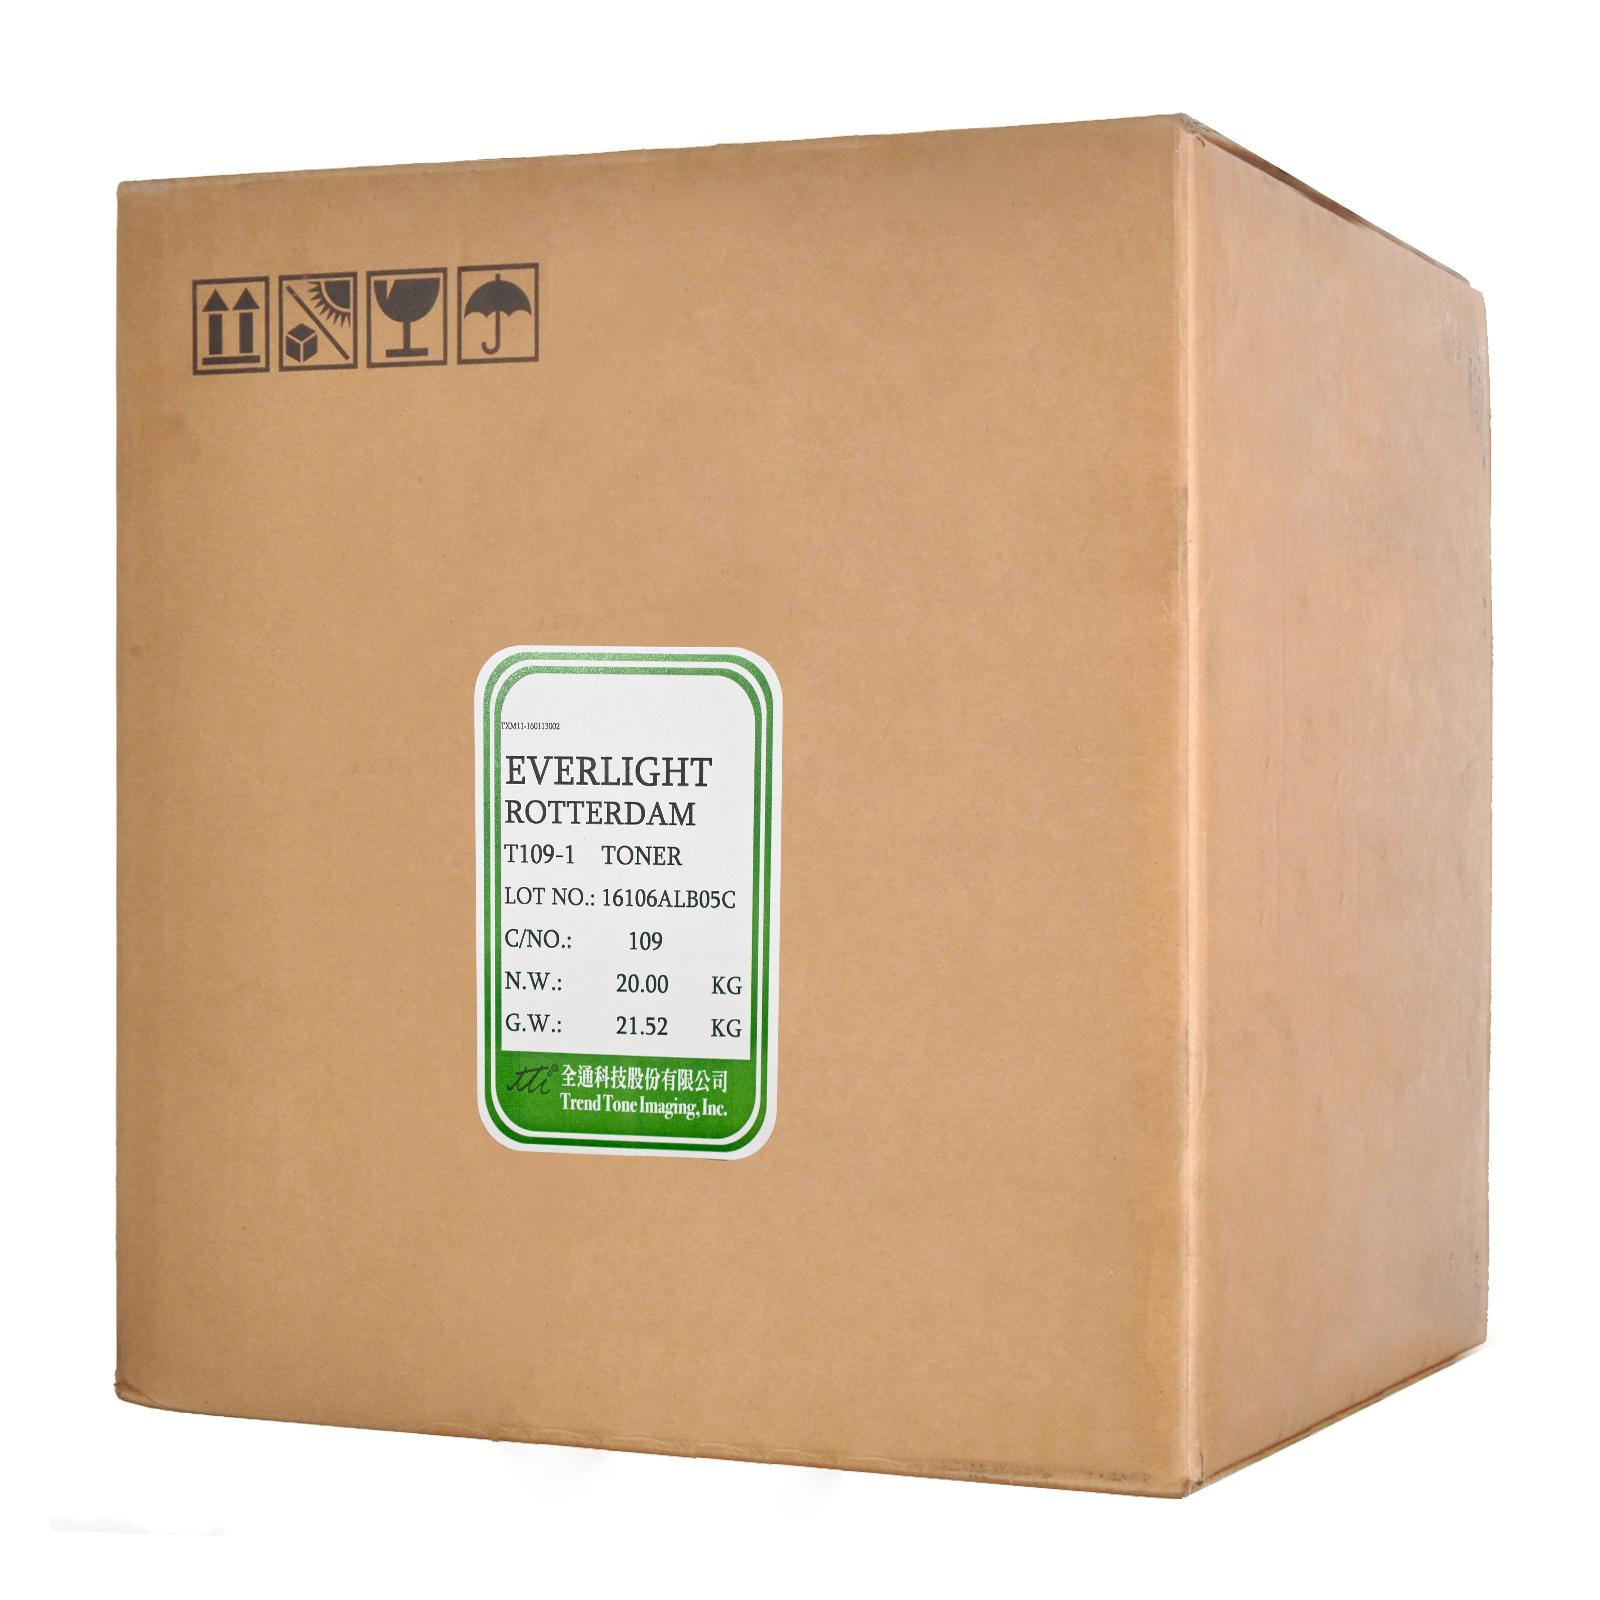 Тонер SAMSUNG ML-1210/1710 (2x10кг) TTI (T109-1-20)